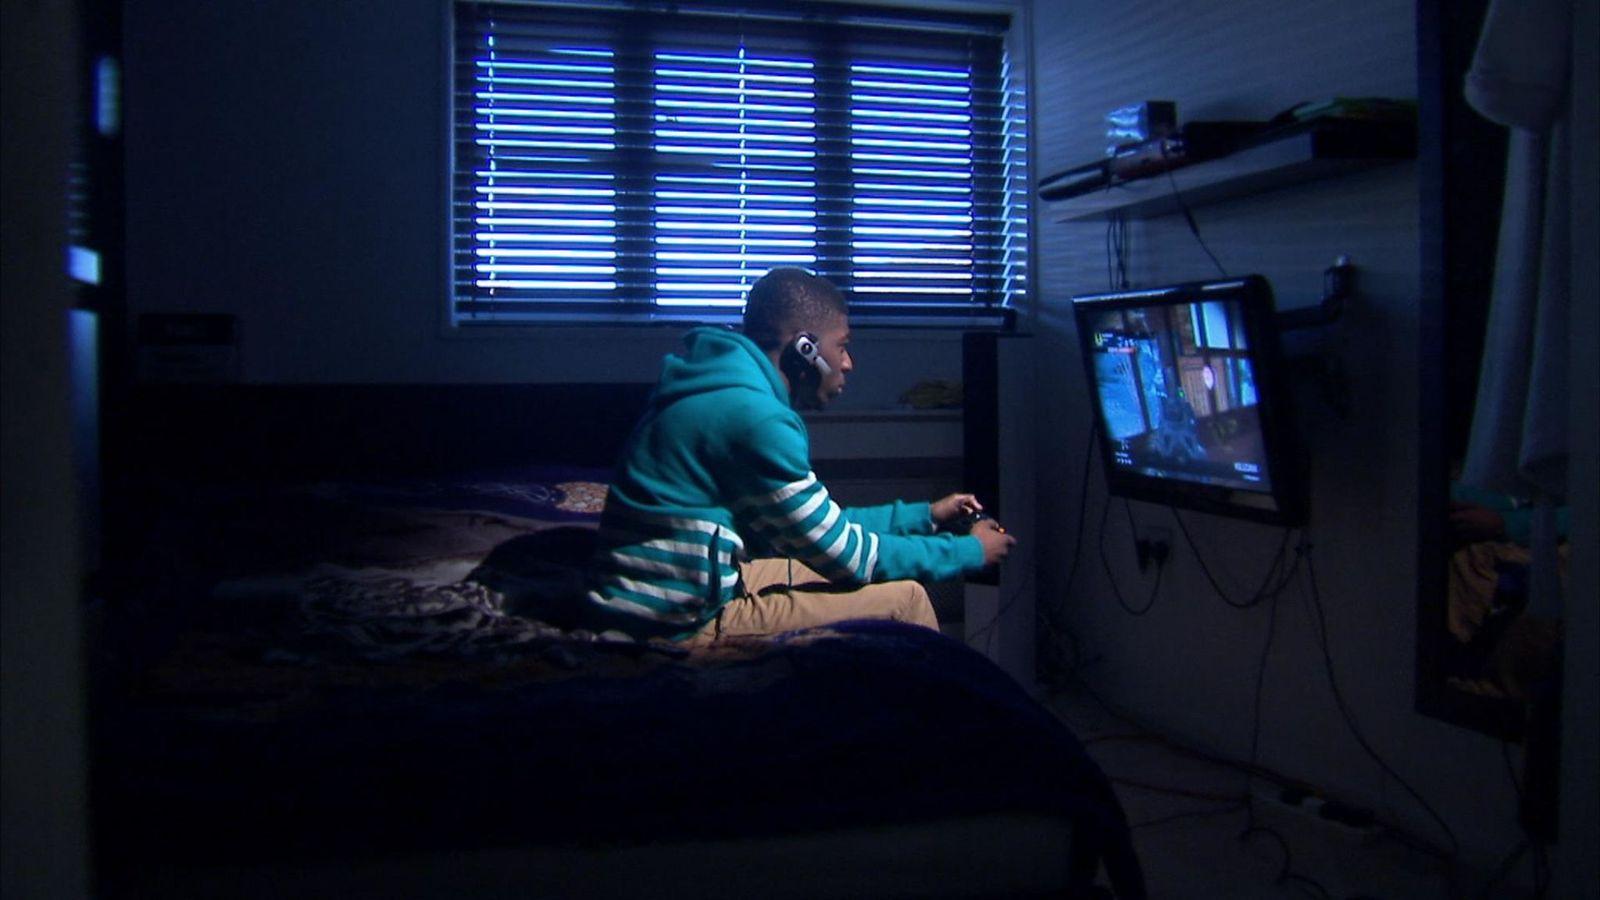 游戏成瘾或被认定为官方疾病 世界卫生组织下周投票表决